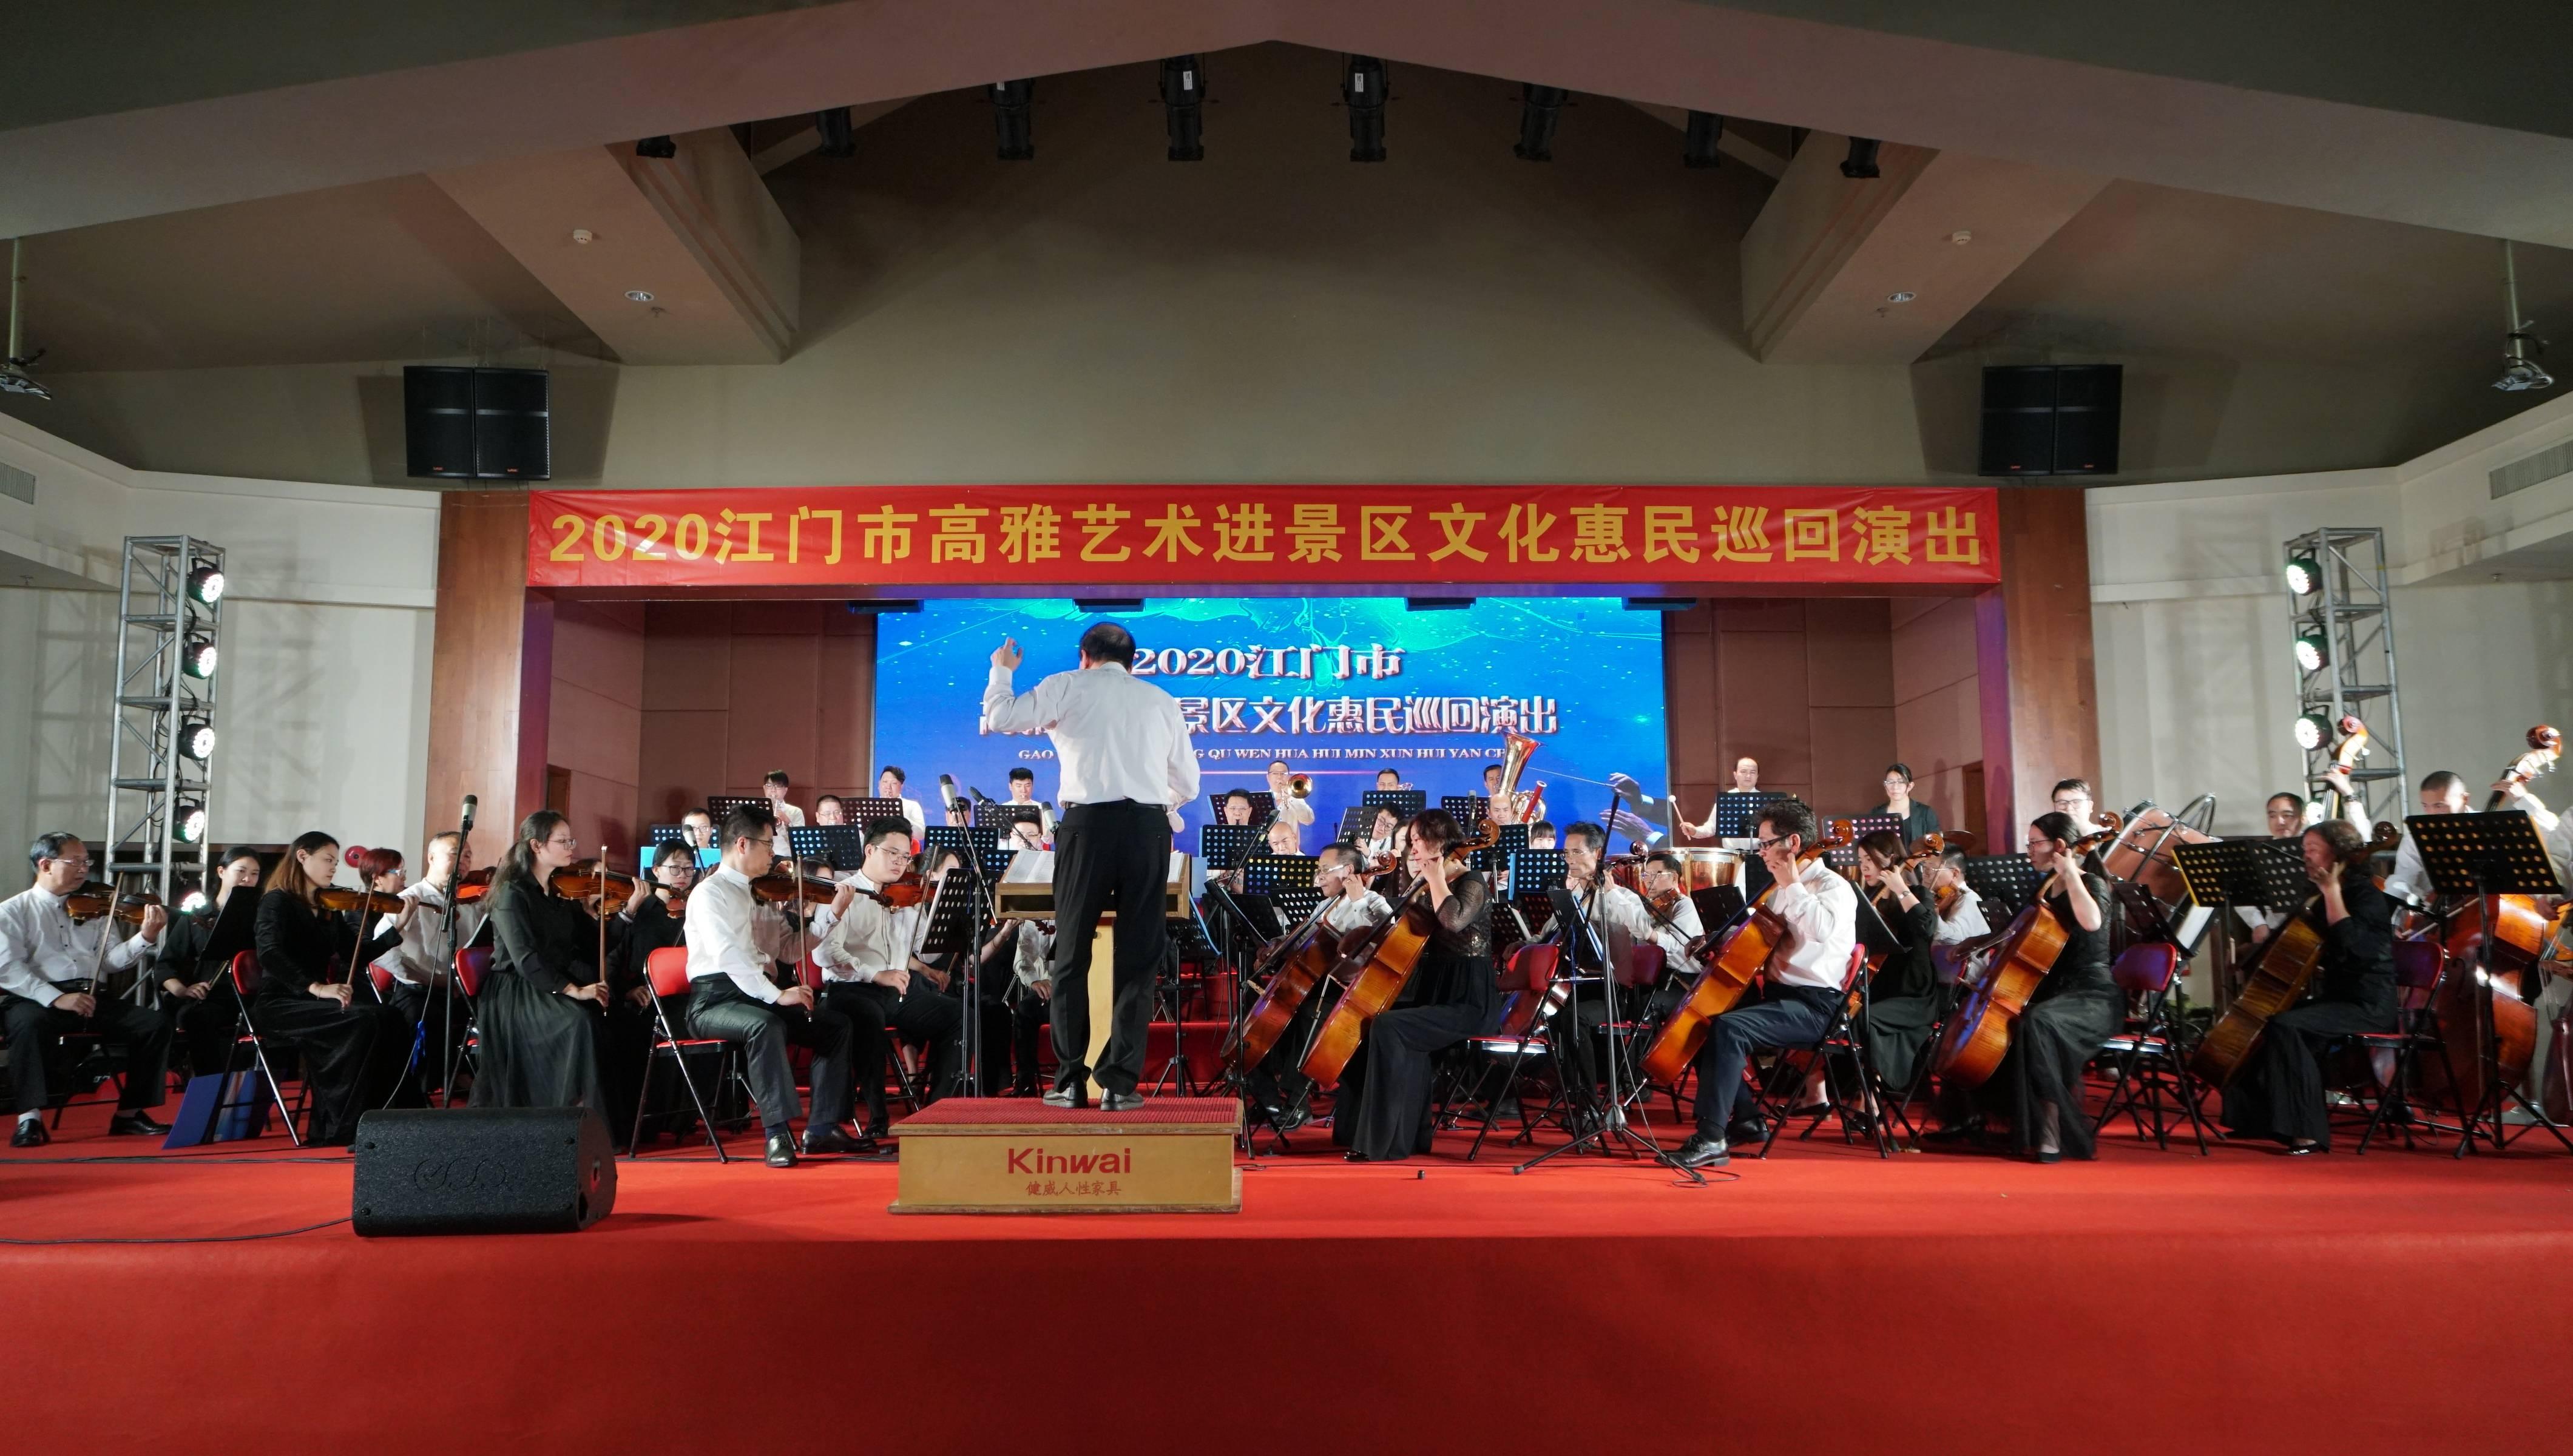 创新文旅融合!江门市高雅艺术进景区巡回演出人气旺